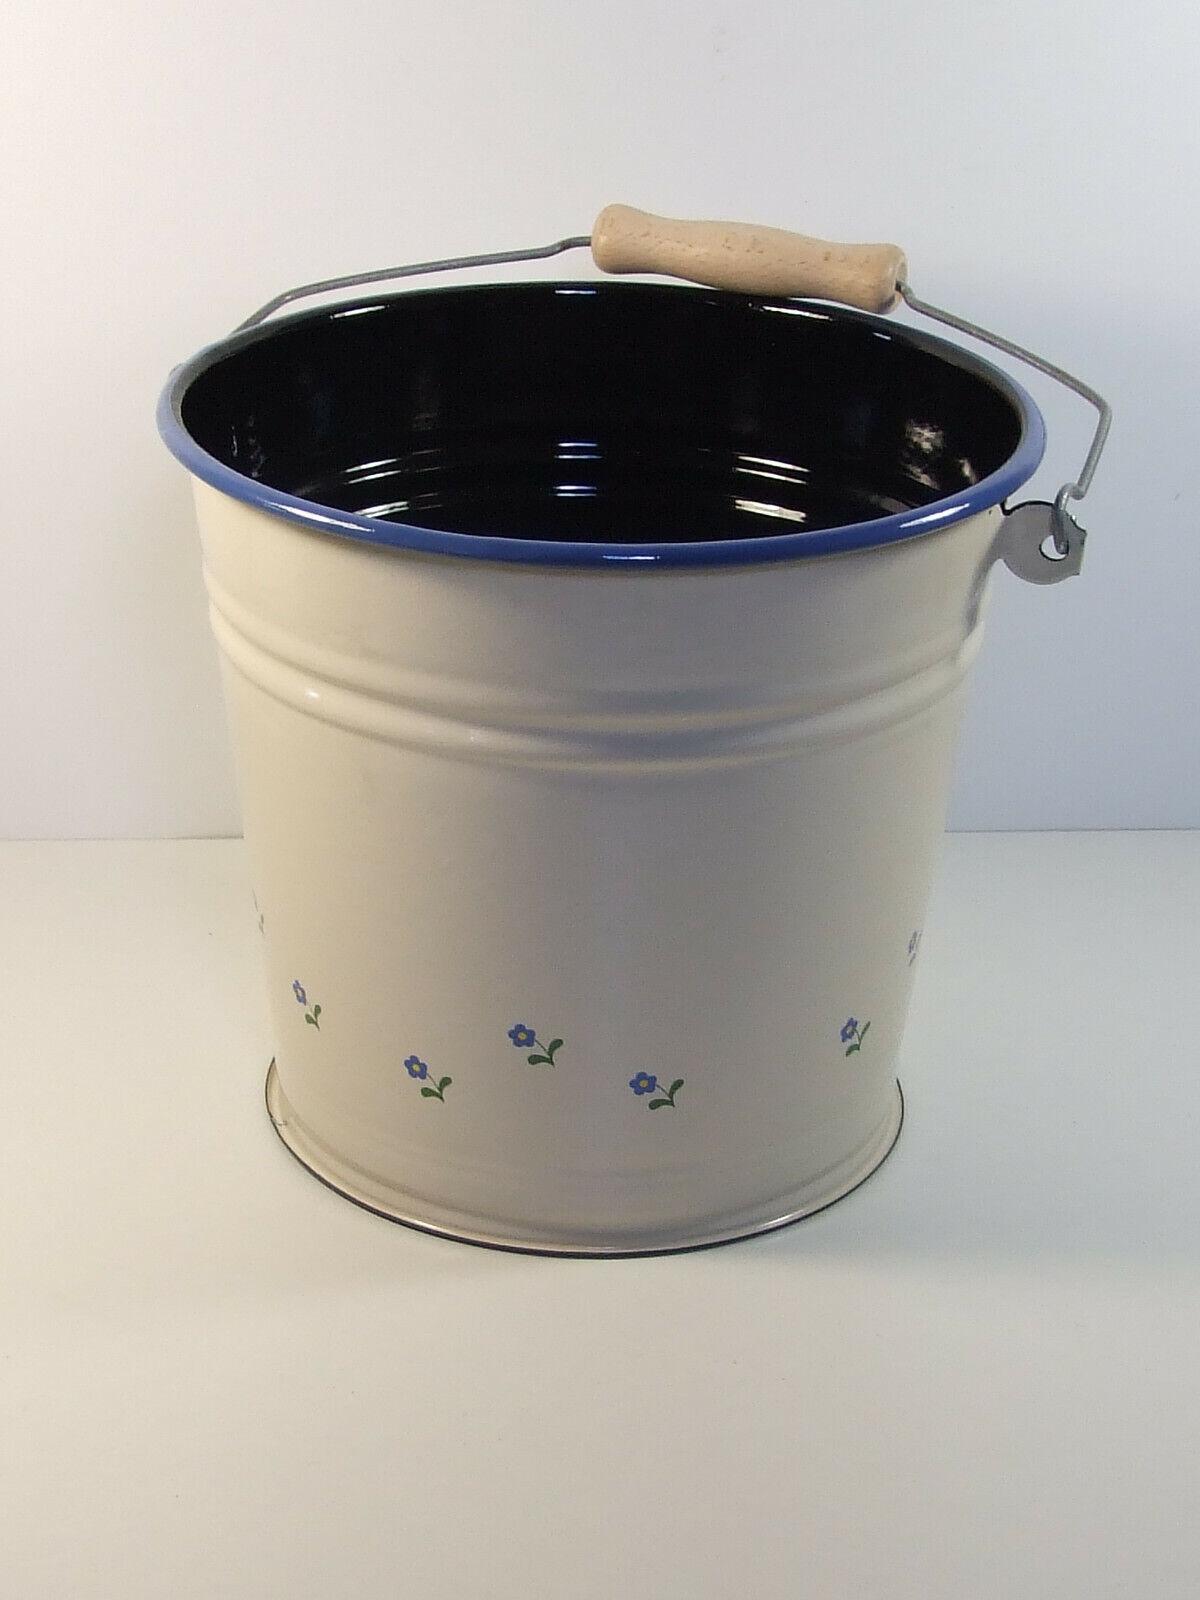 Kücheneimer Rot mit weißen Tupfen 6 Liter Emaille Eimer mit Deckel Emailleimer